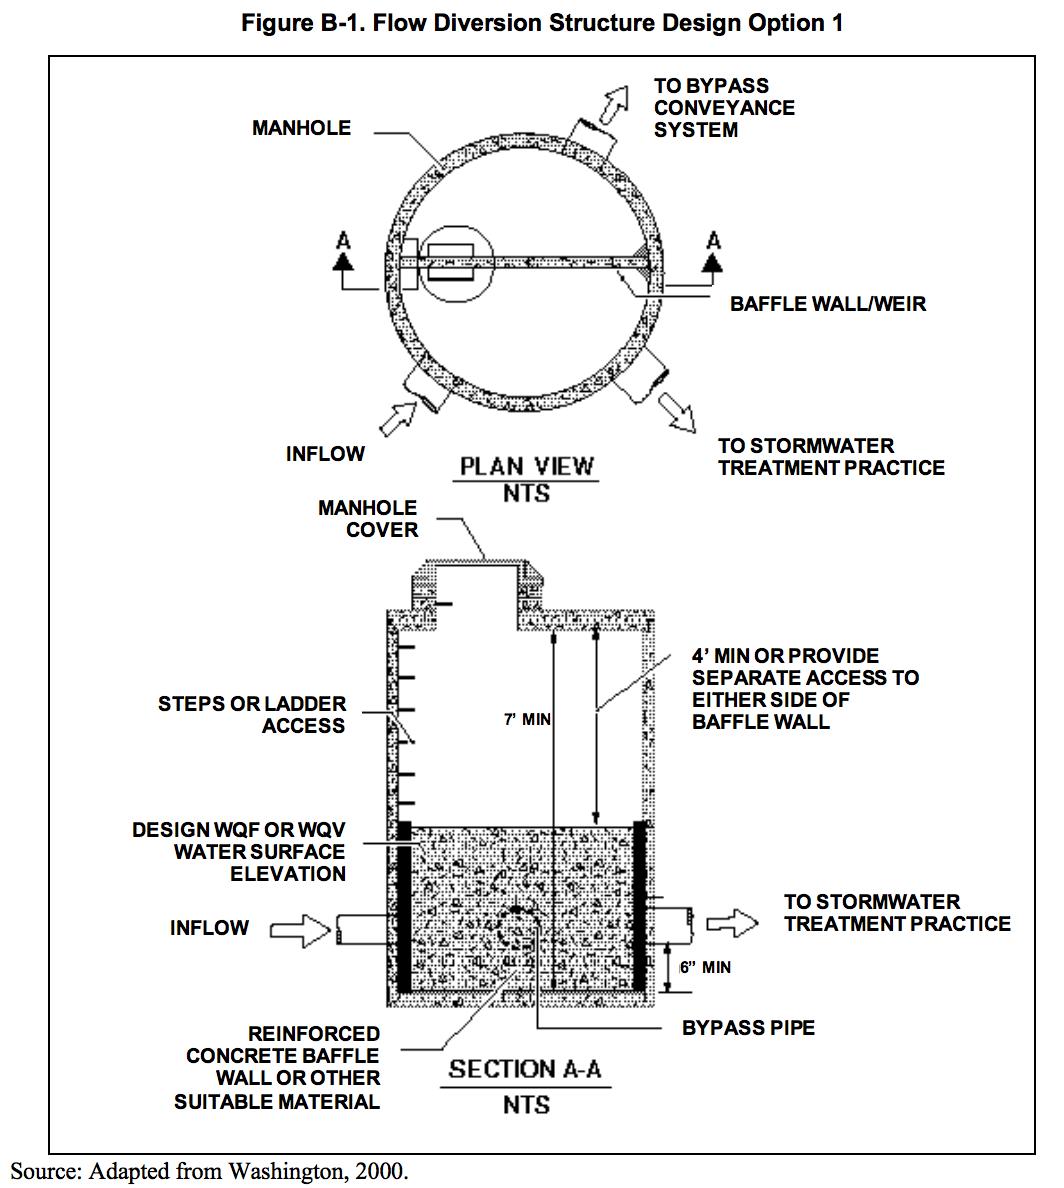 Figure B-1 Flow Diversion Structure Design Option 1